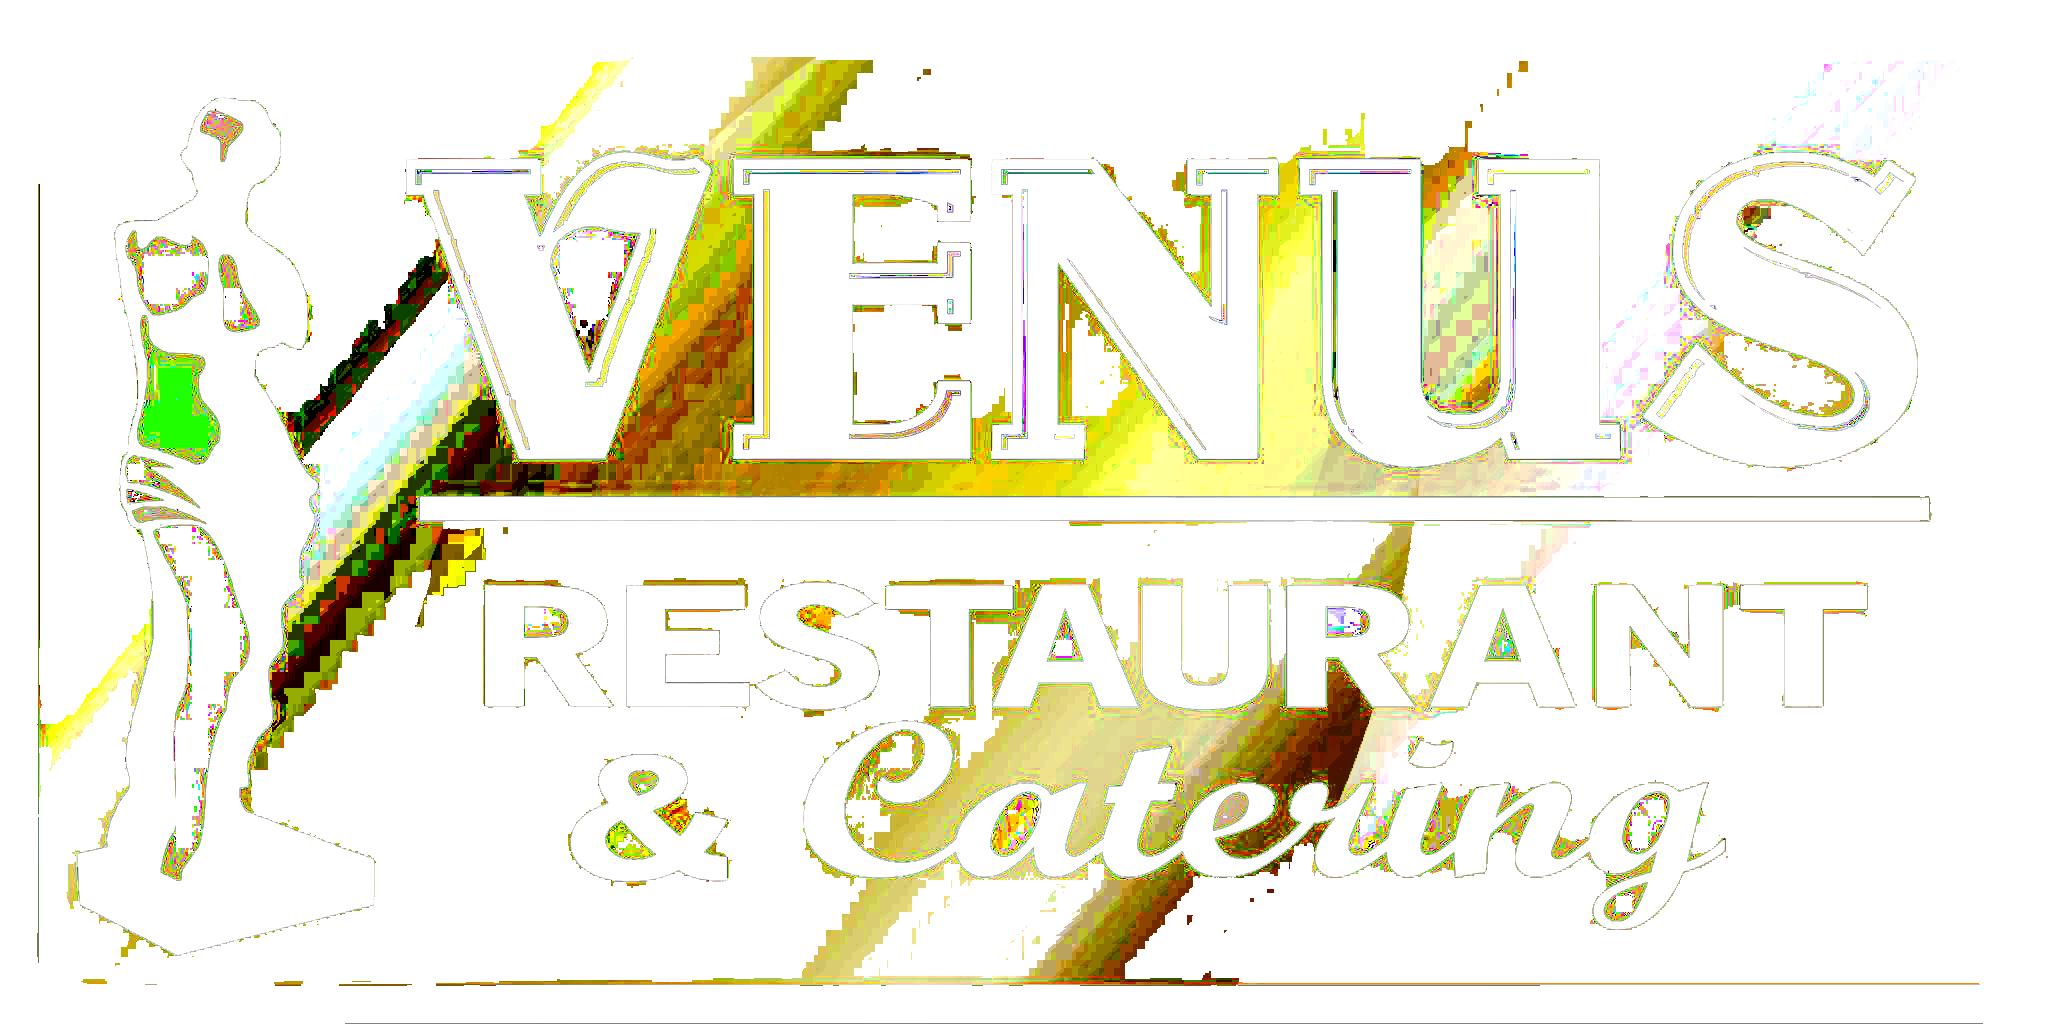 Venus Restaurant & Catering